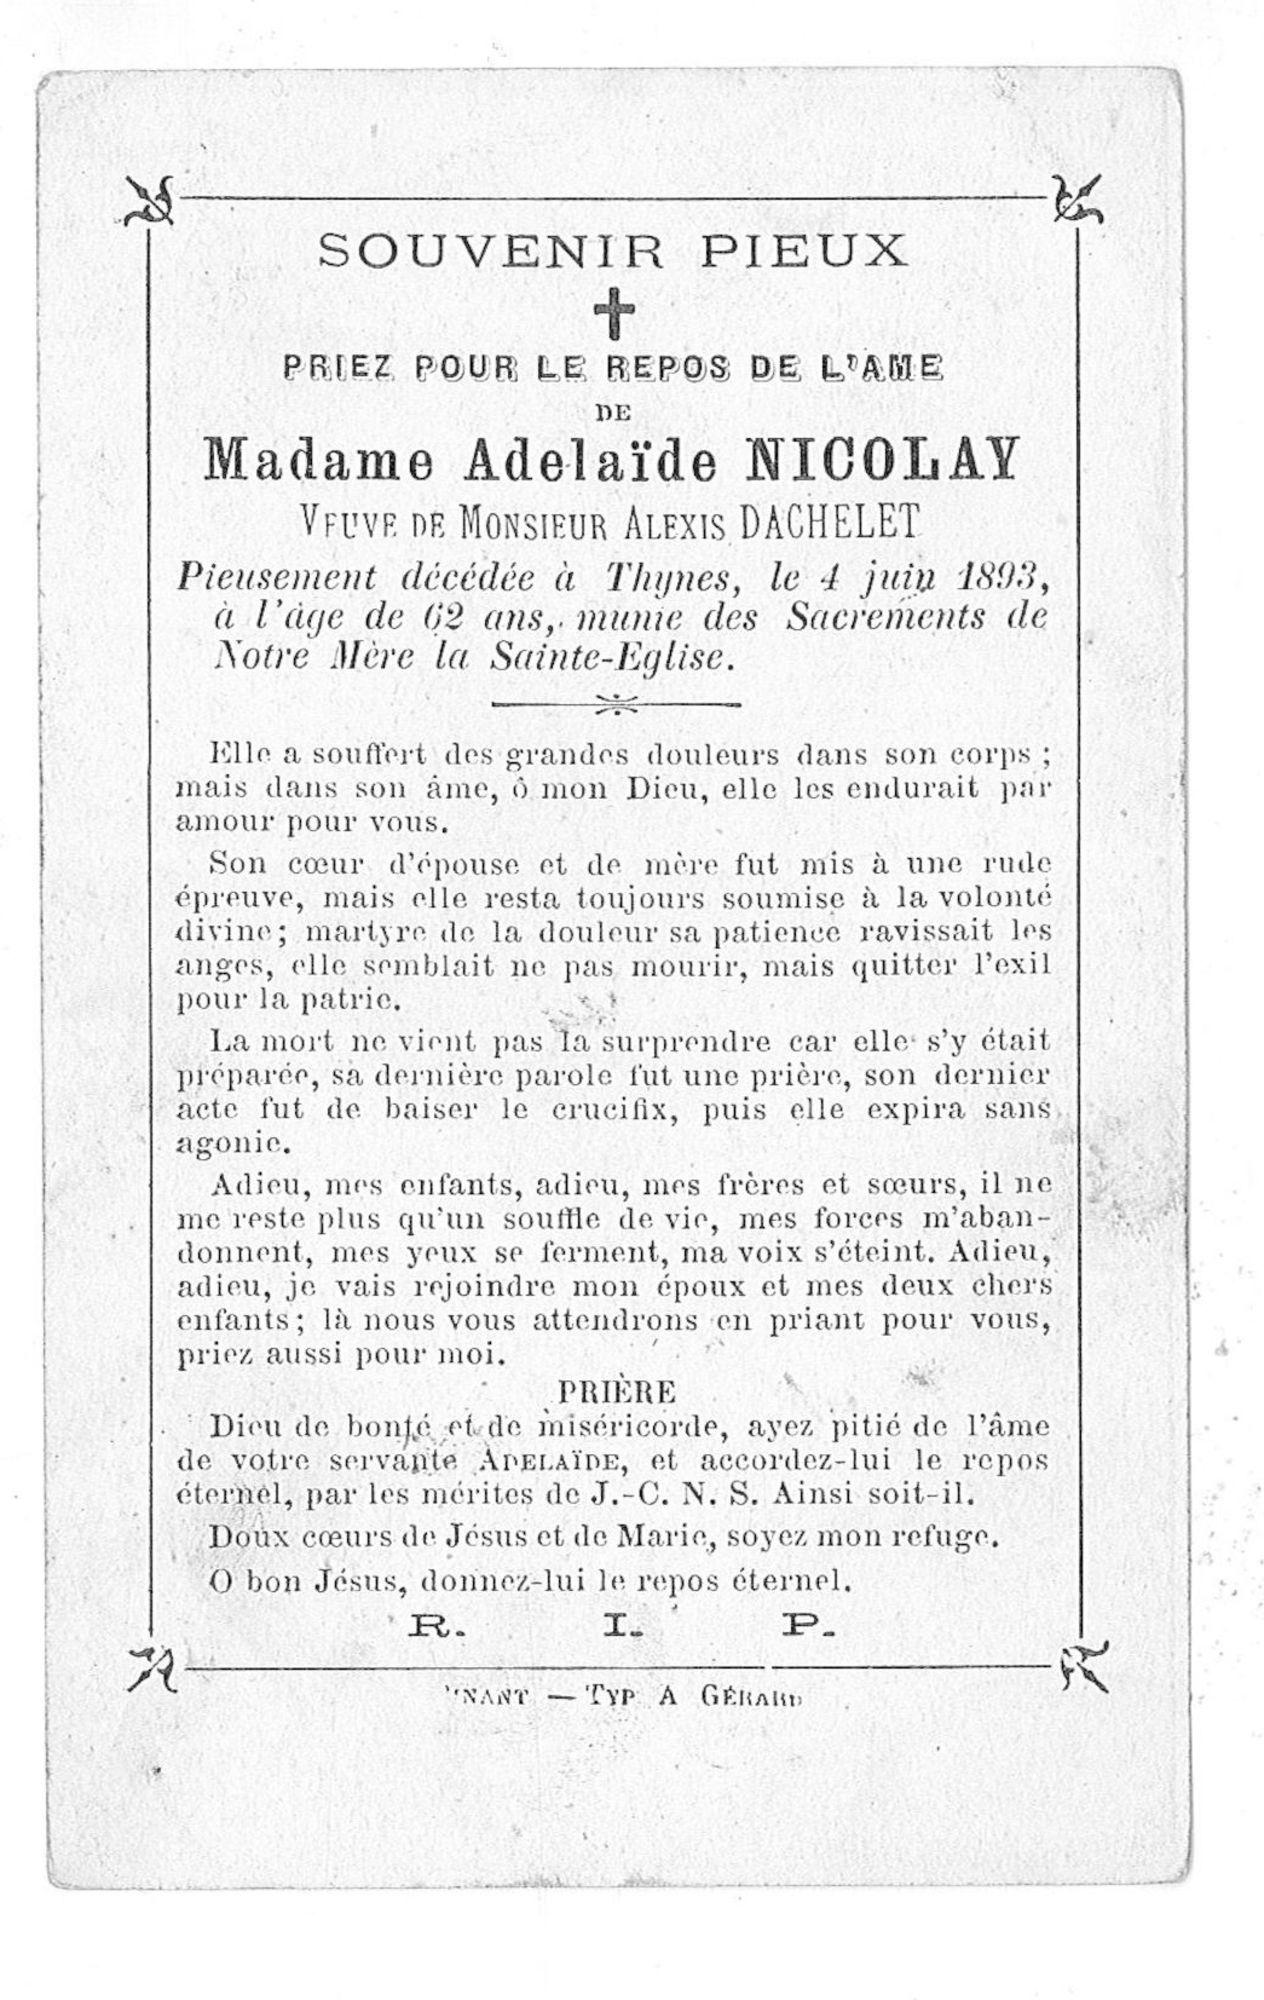 Adelaïde Nicolay